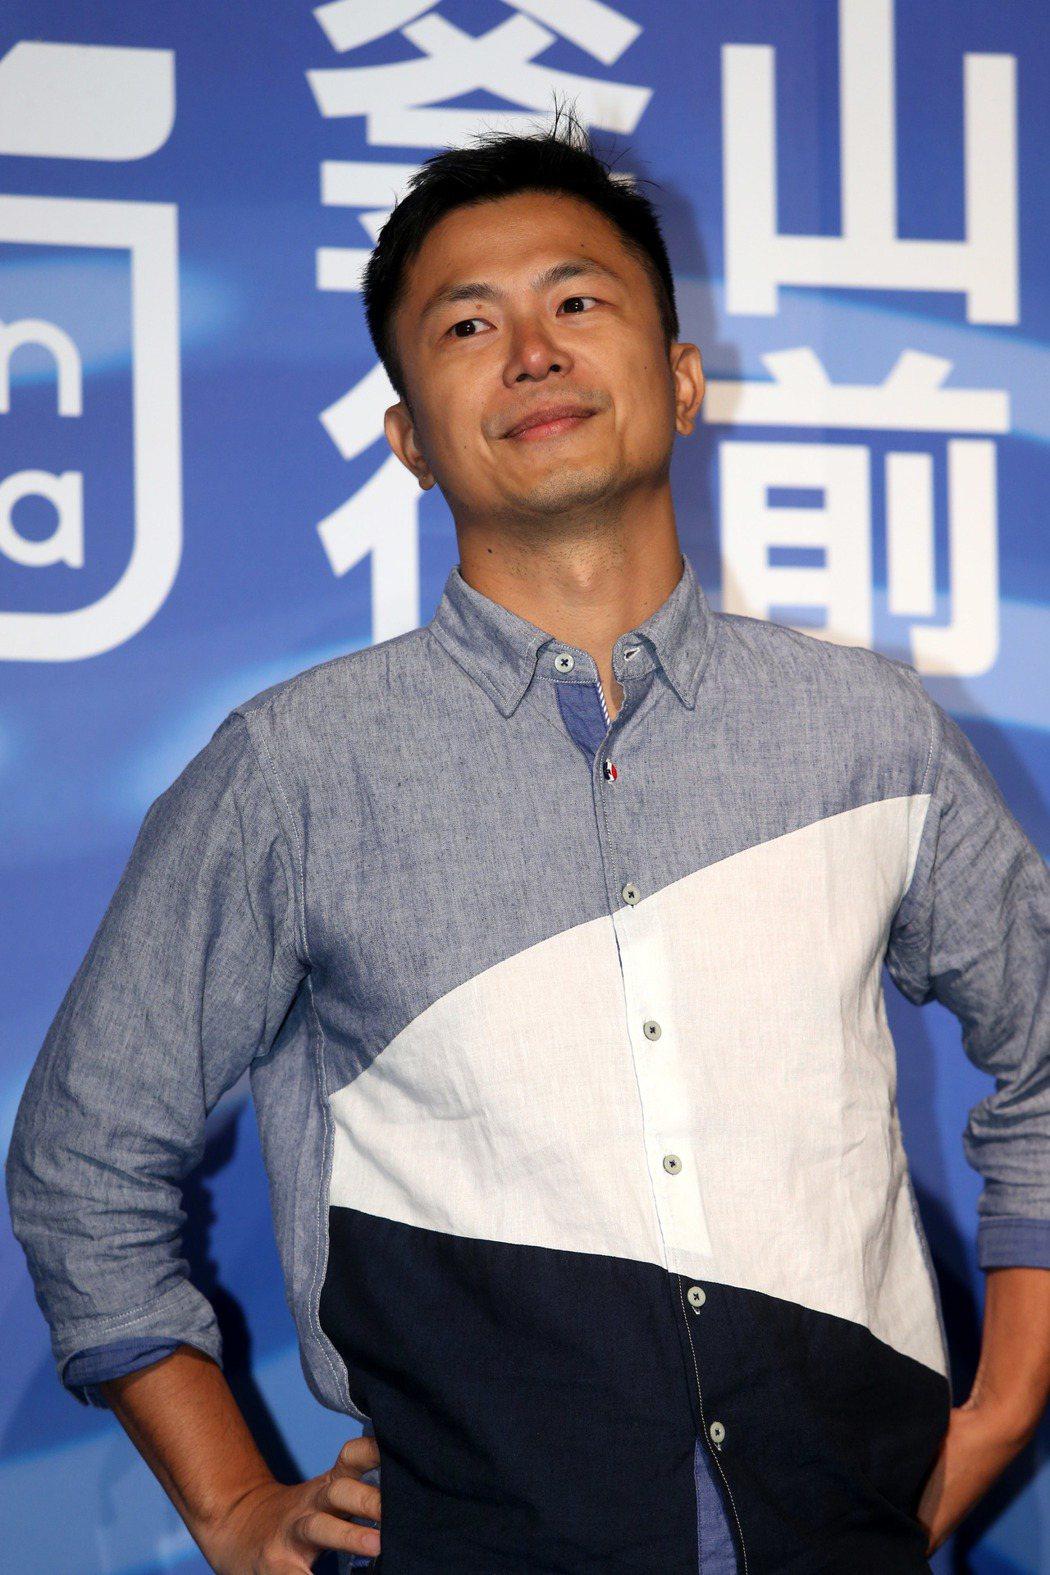 2019年釜山影展行前記者會,電影江湖無難事導演高炳權。記者邱德祥/攝影